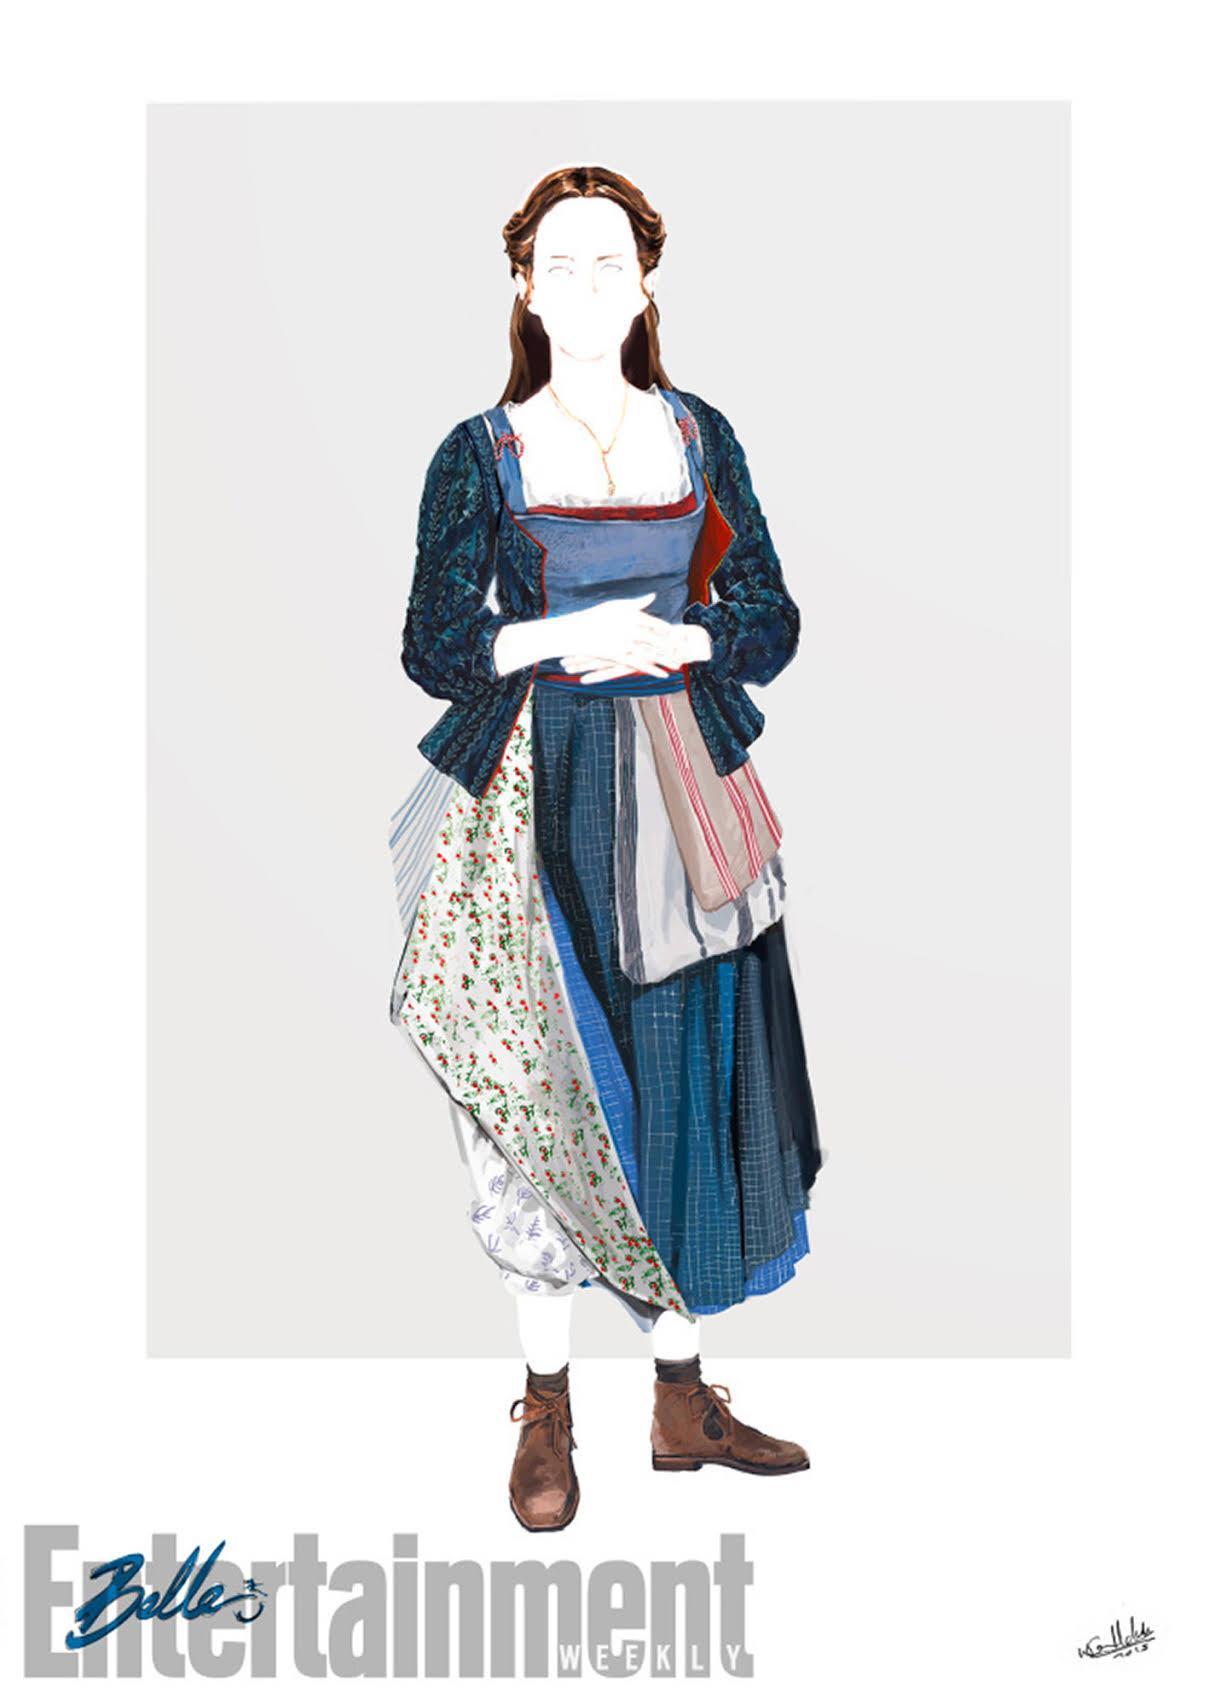 「19世紀後半に流行し、短いスカートの下にはく袋のように足首のところですぼめた女性用のズボン」であるブルマーを青いベルの服装に取り入れましたが、これはエマ・